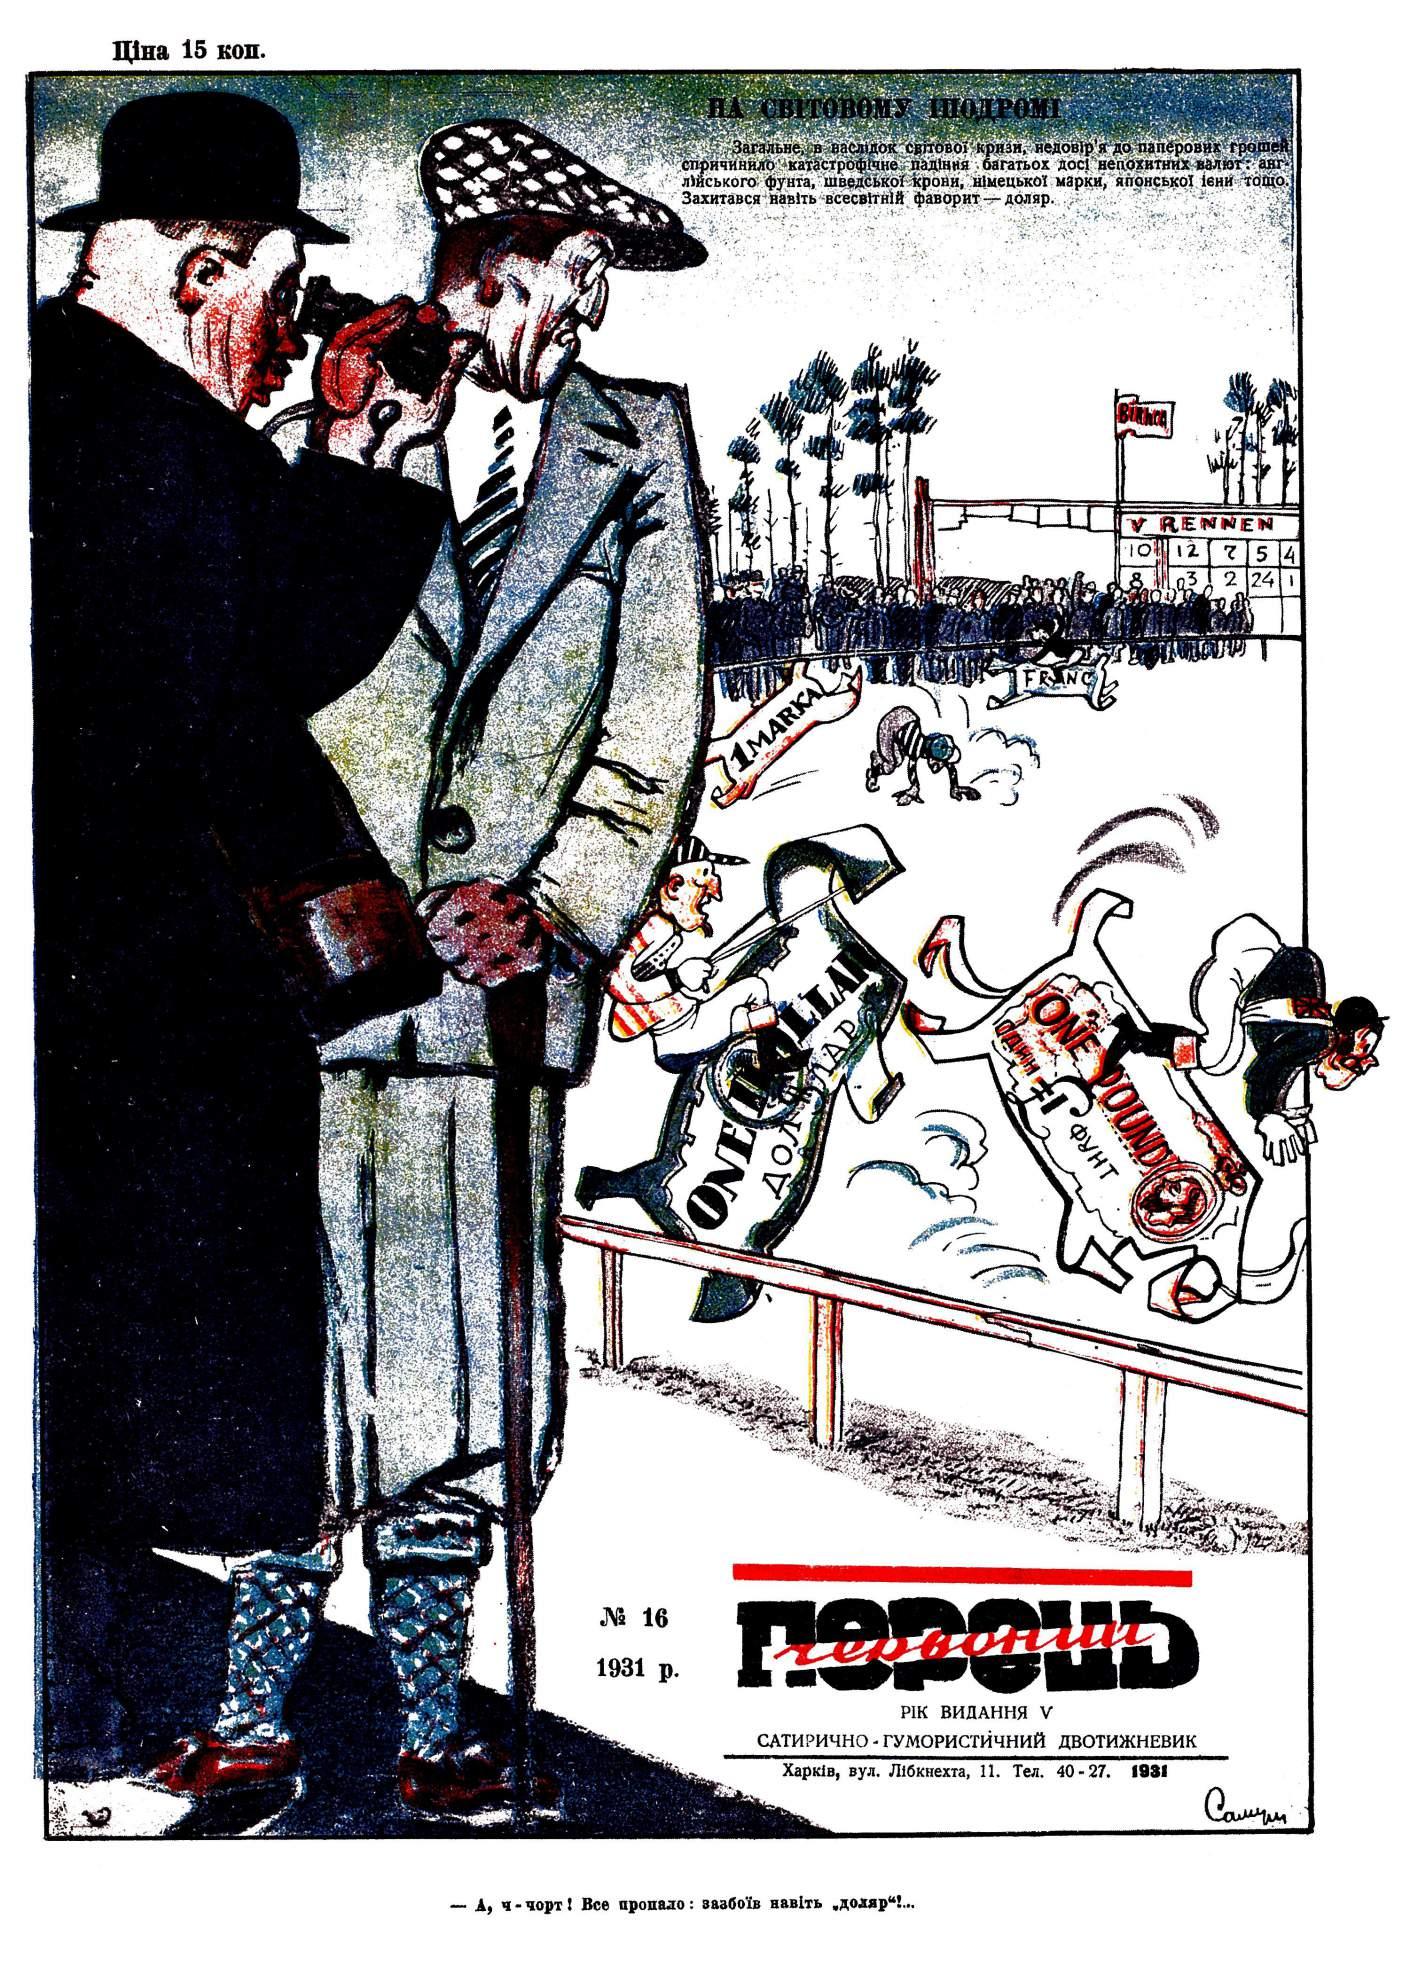 Журнал перець 1931 №16